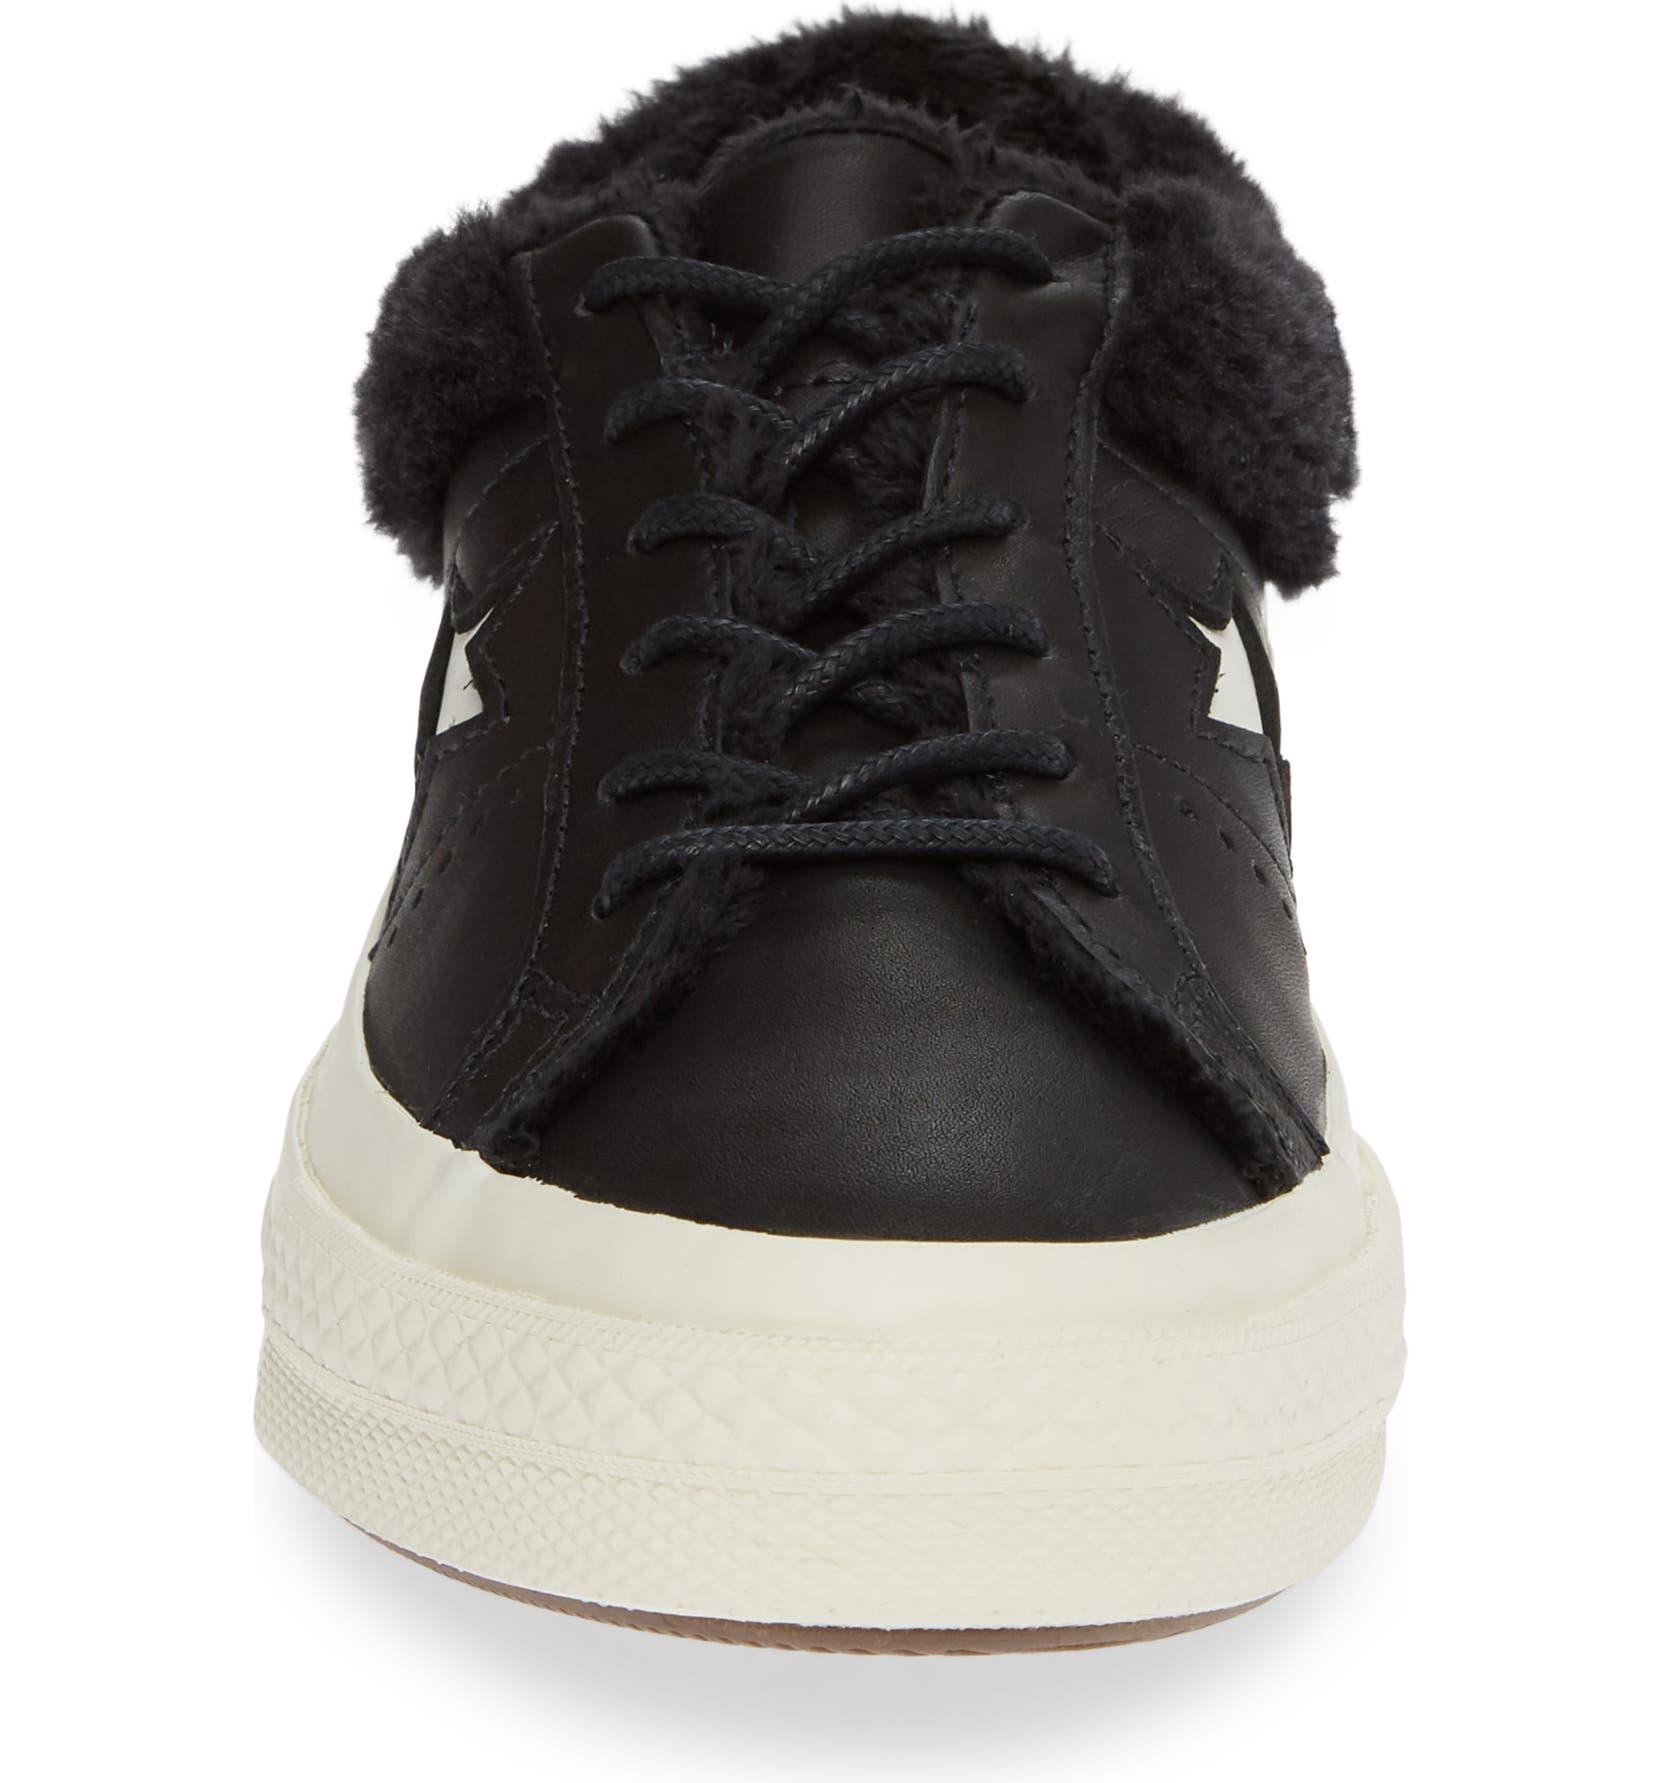 b9f20d160d98 Converse One Star Street Warmer Faux Fur Lined Low Top Sneaker (Women)